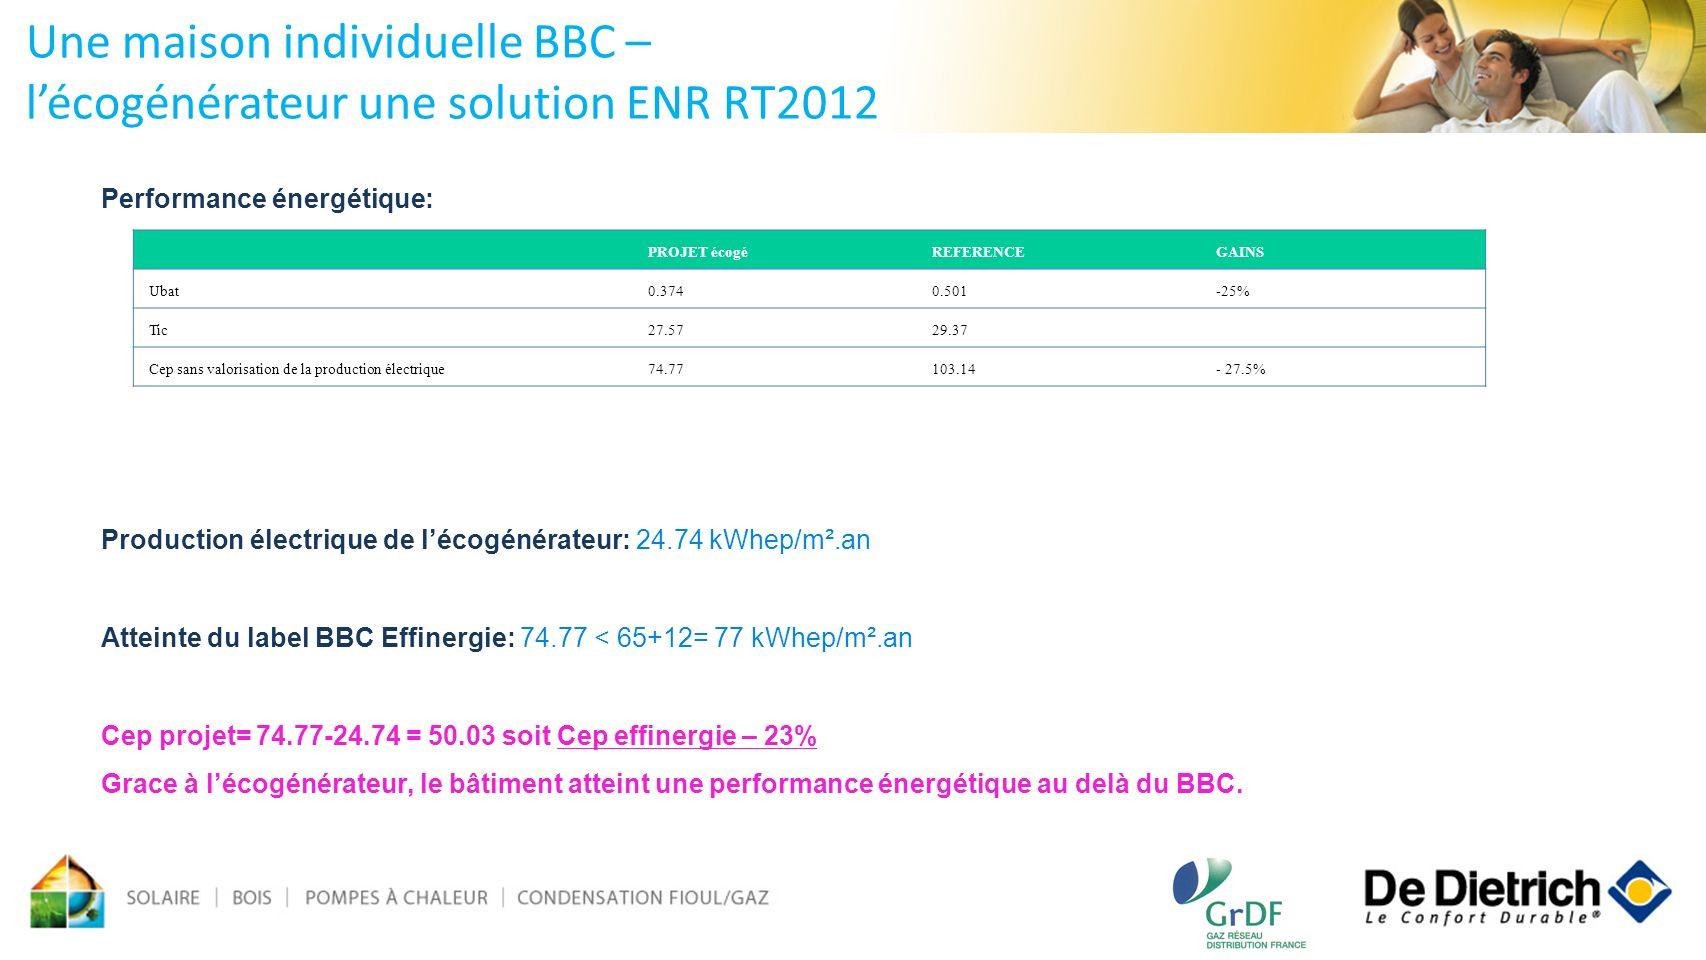 Performance énergétique: Production électrique de lécogénérateur: 24.74 kWhep/m².an Atteinte du label BBC Effinergie: 74.77 < 65+12= 77 kWhep/m².an Ce